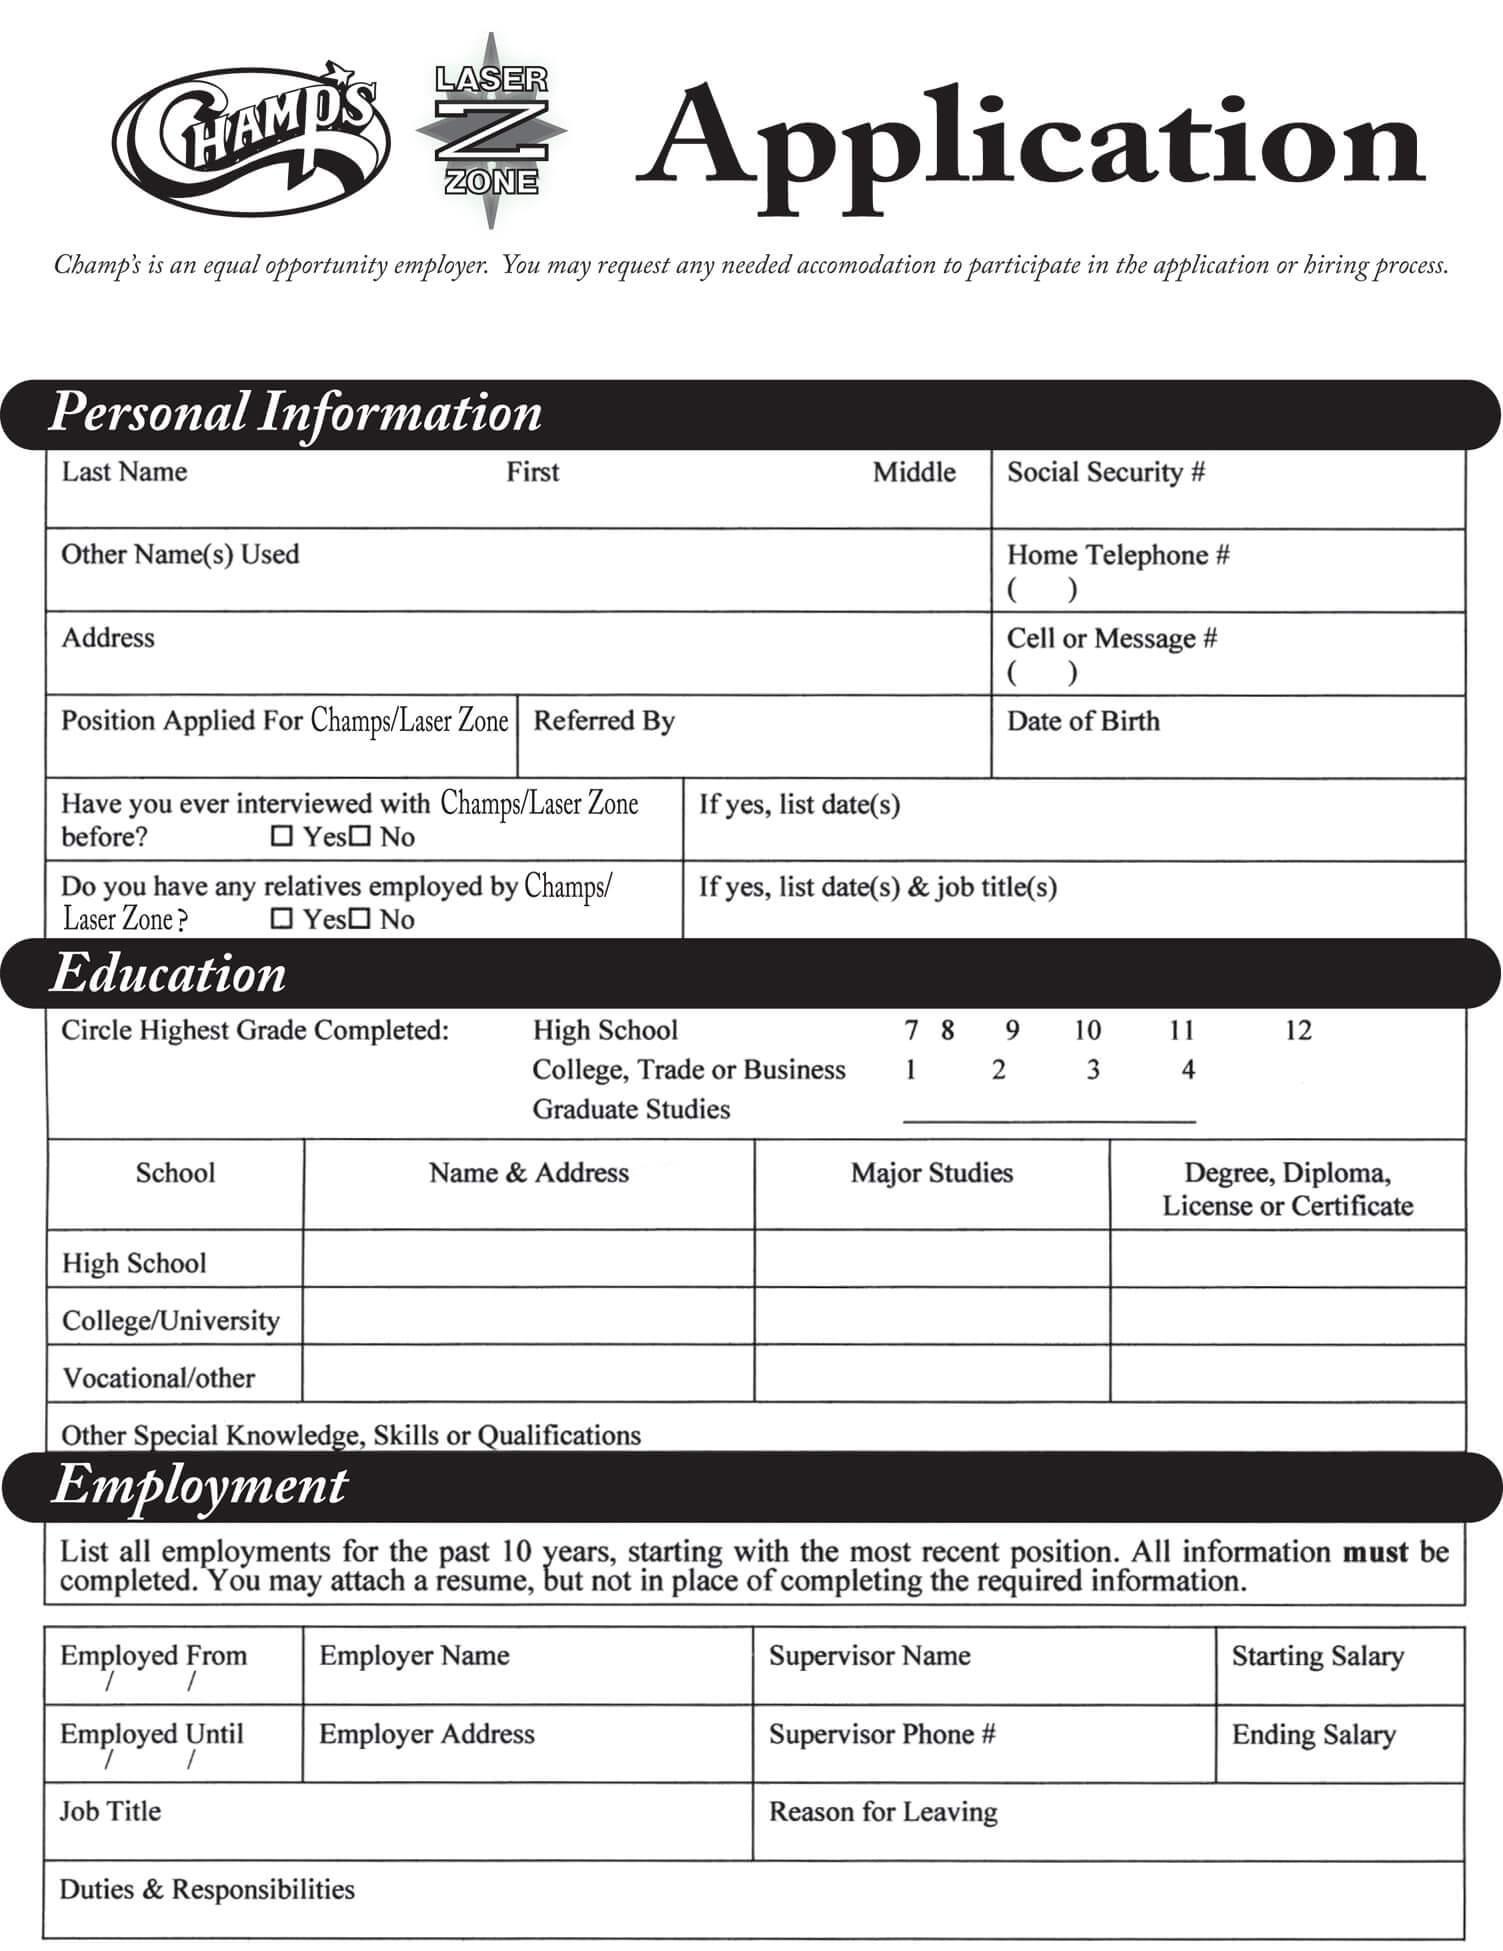 mcdonalds job application form pdf